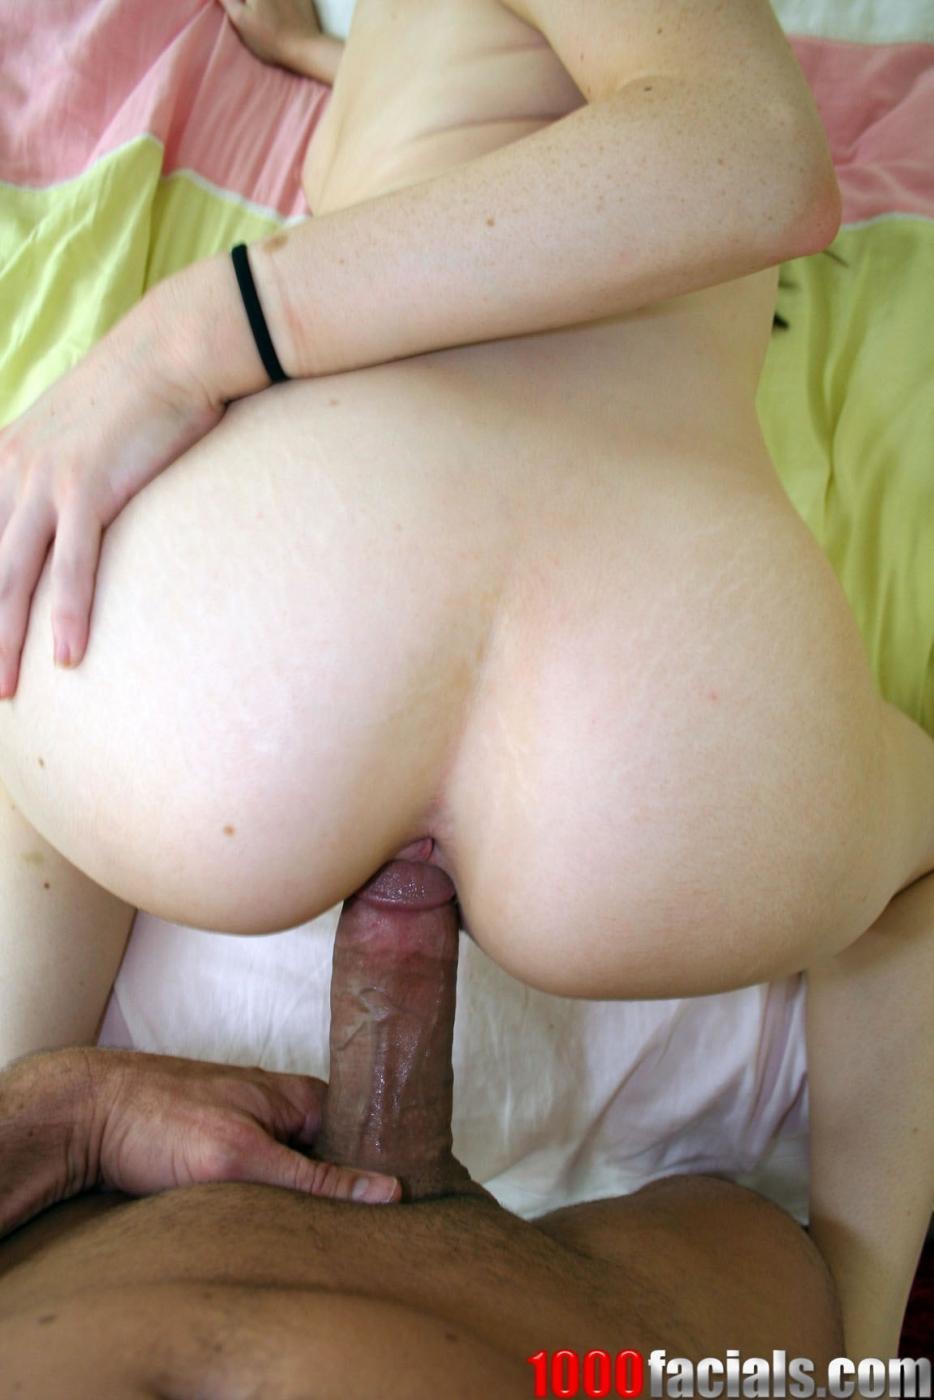 Голубоглазая блондинка Haley Scott получает кончу после секса по-собачьи